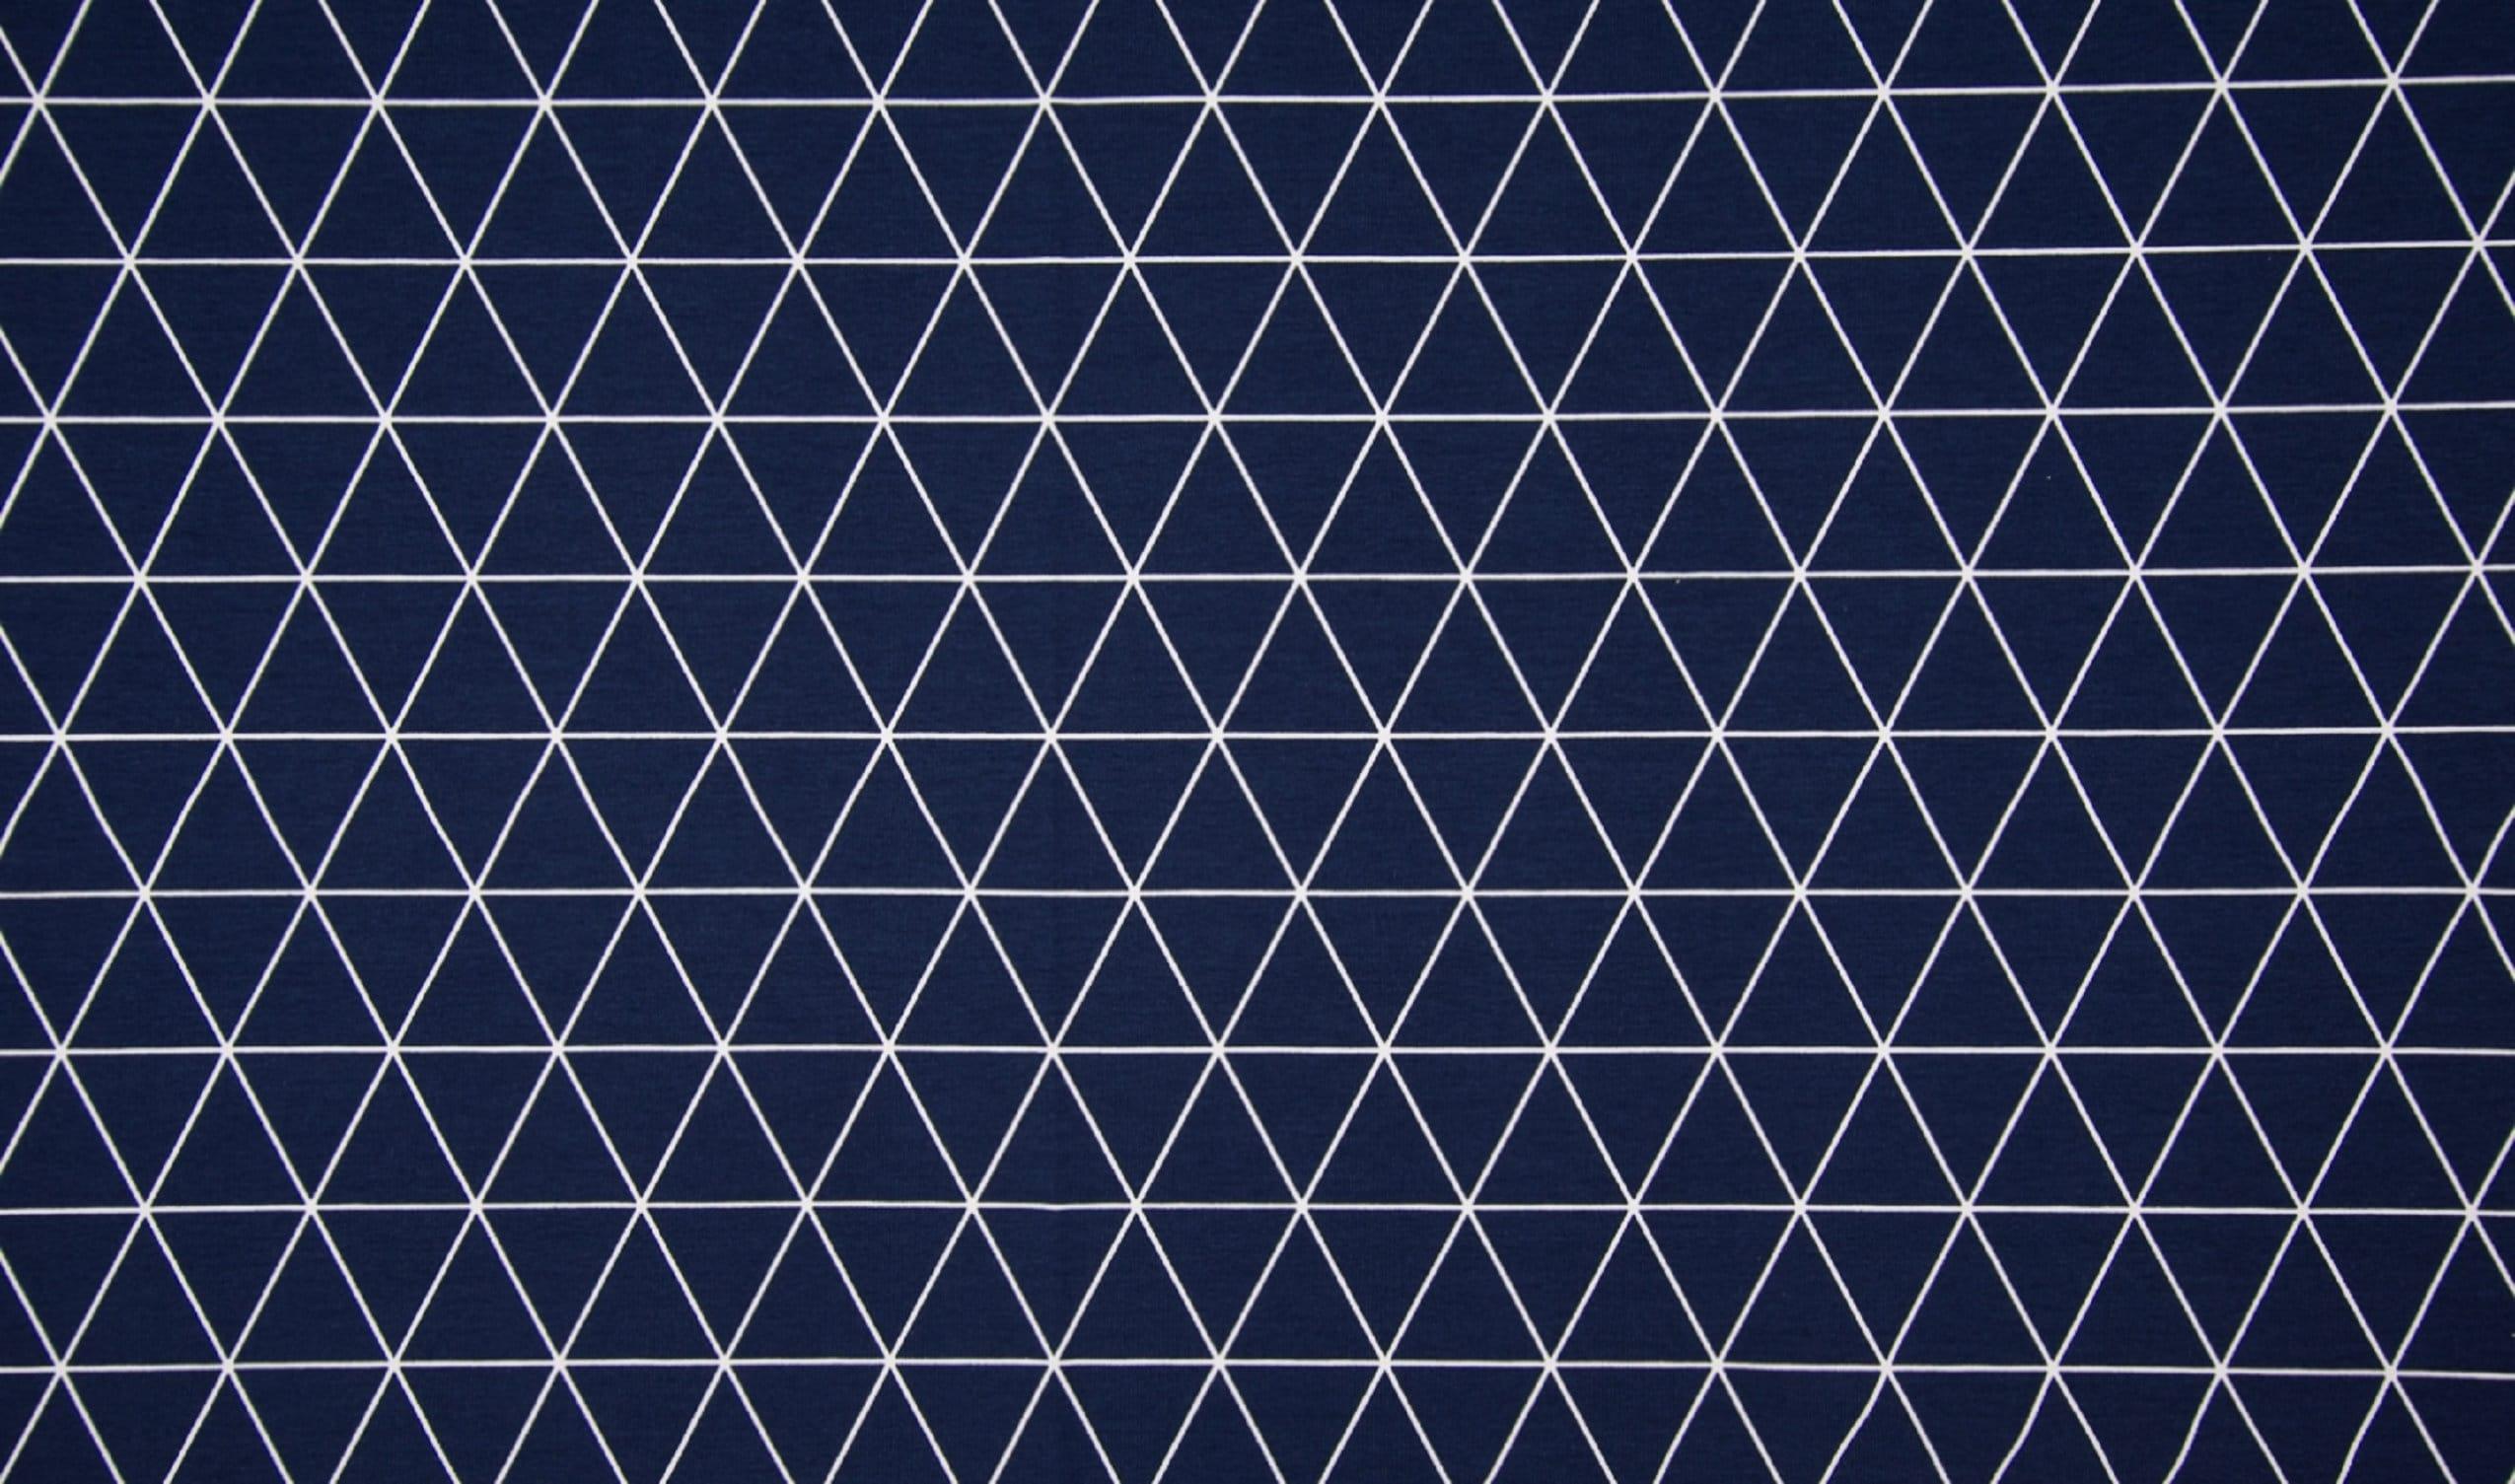 Quality Textiles Dreiecke-Rauten Weiß//Schwarz 150 cm Baumwolle Jersey Stoff